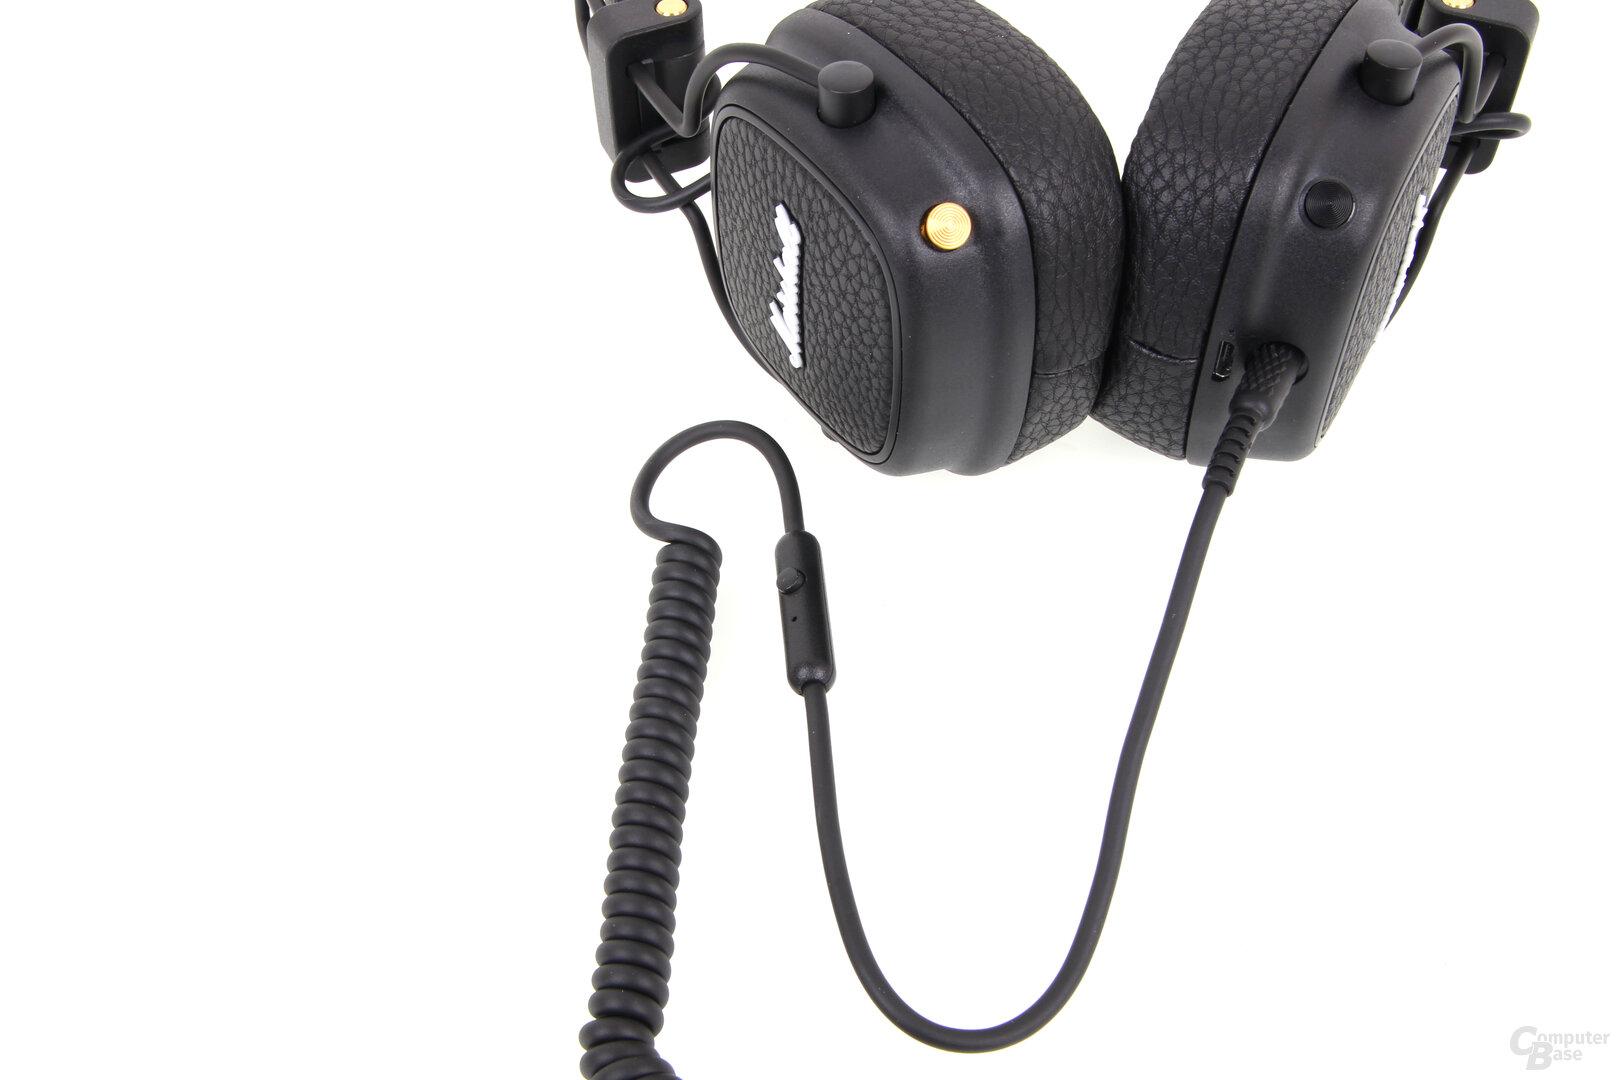 Marshall Major III Voice: Audiokabel mit Mikro und Fernbedienung